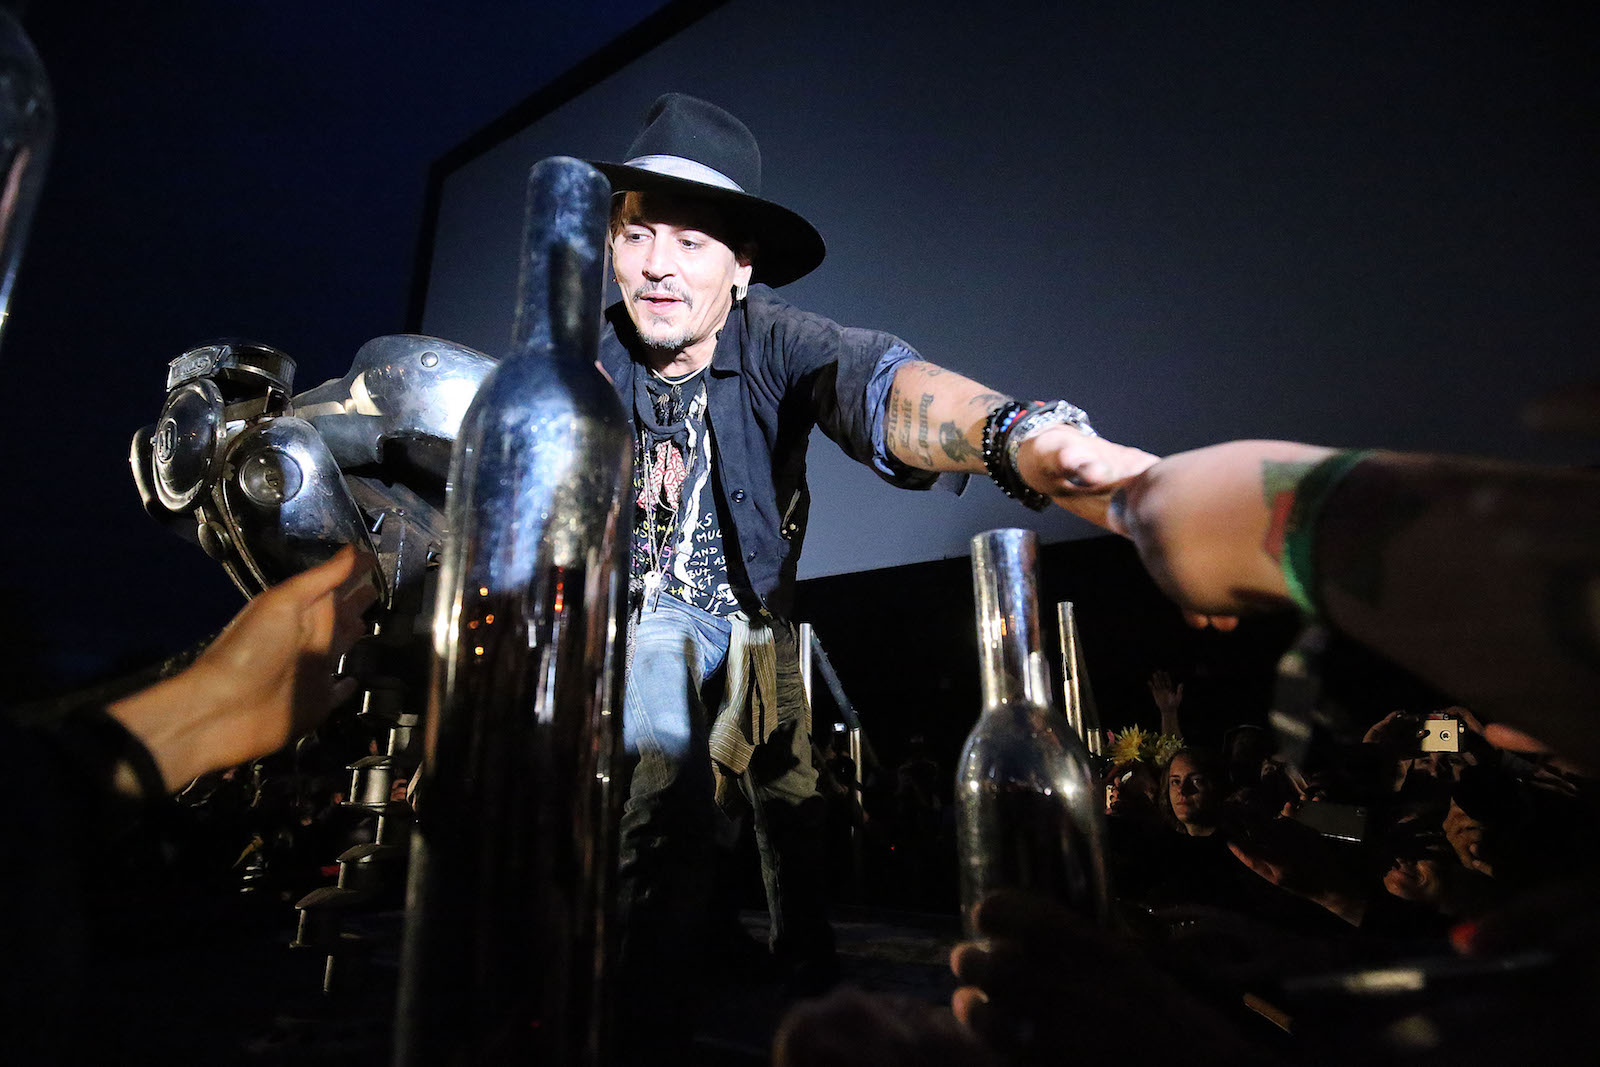 ჯონი დეპი მონაწილეობს Cinemageddon-ის ღონისძიებაში, რომელიც ფესტივალის ნაწილია © The EPA/NIGEL RODDIS